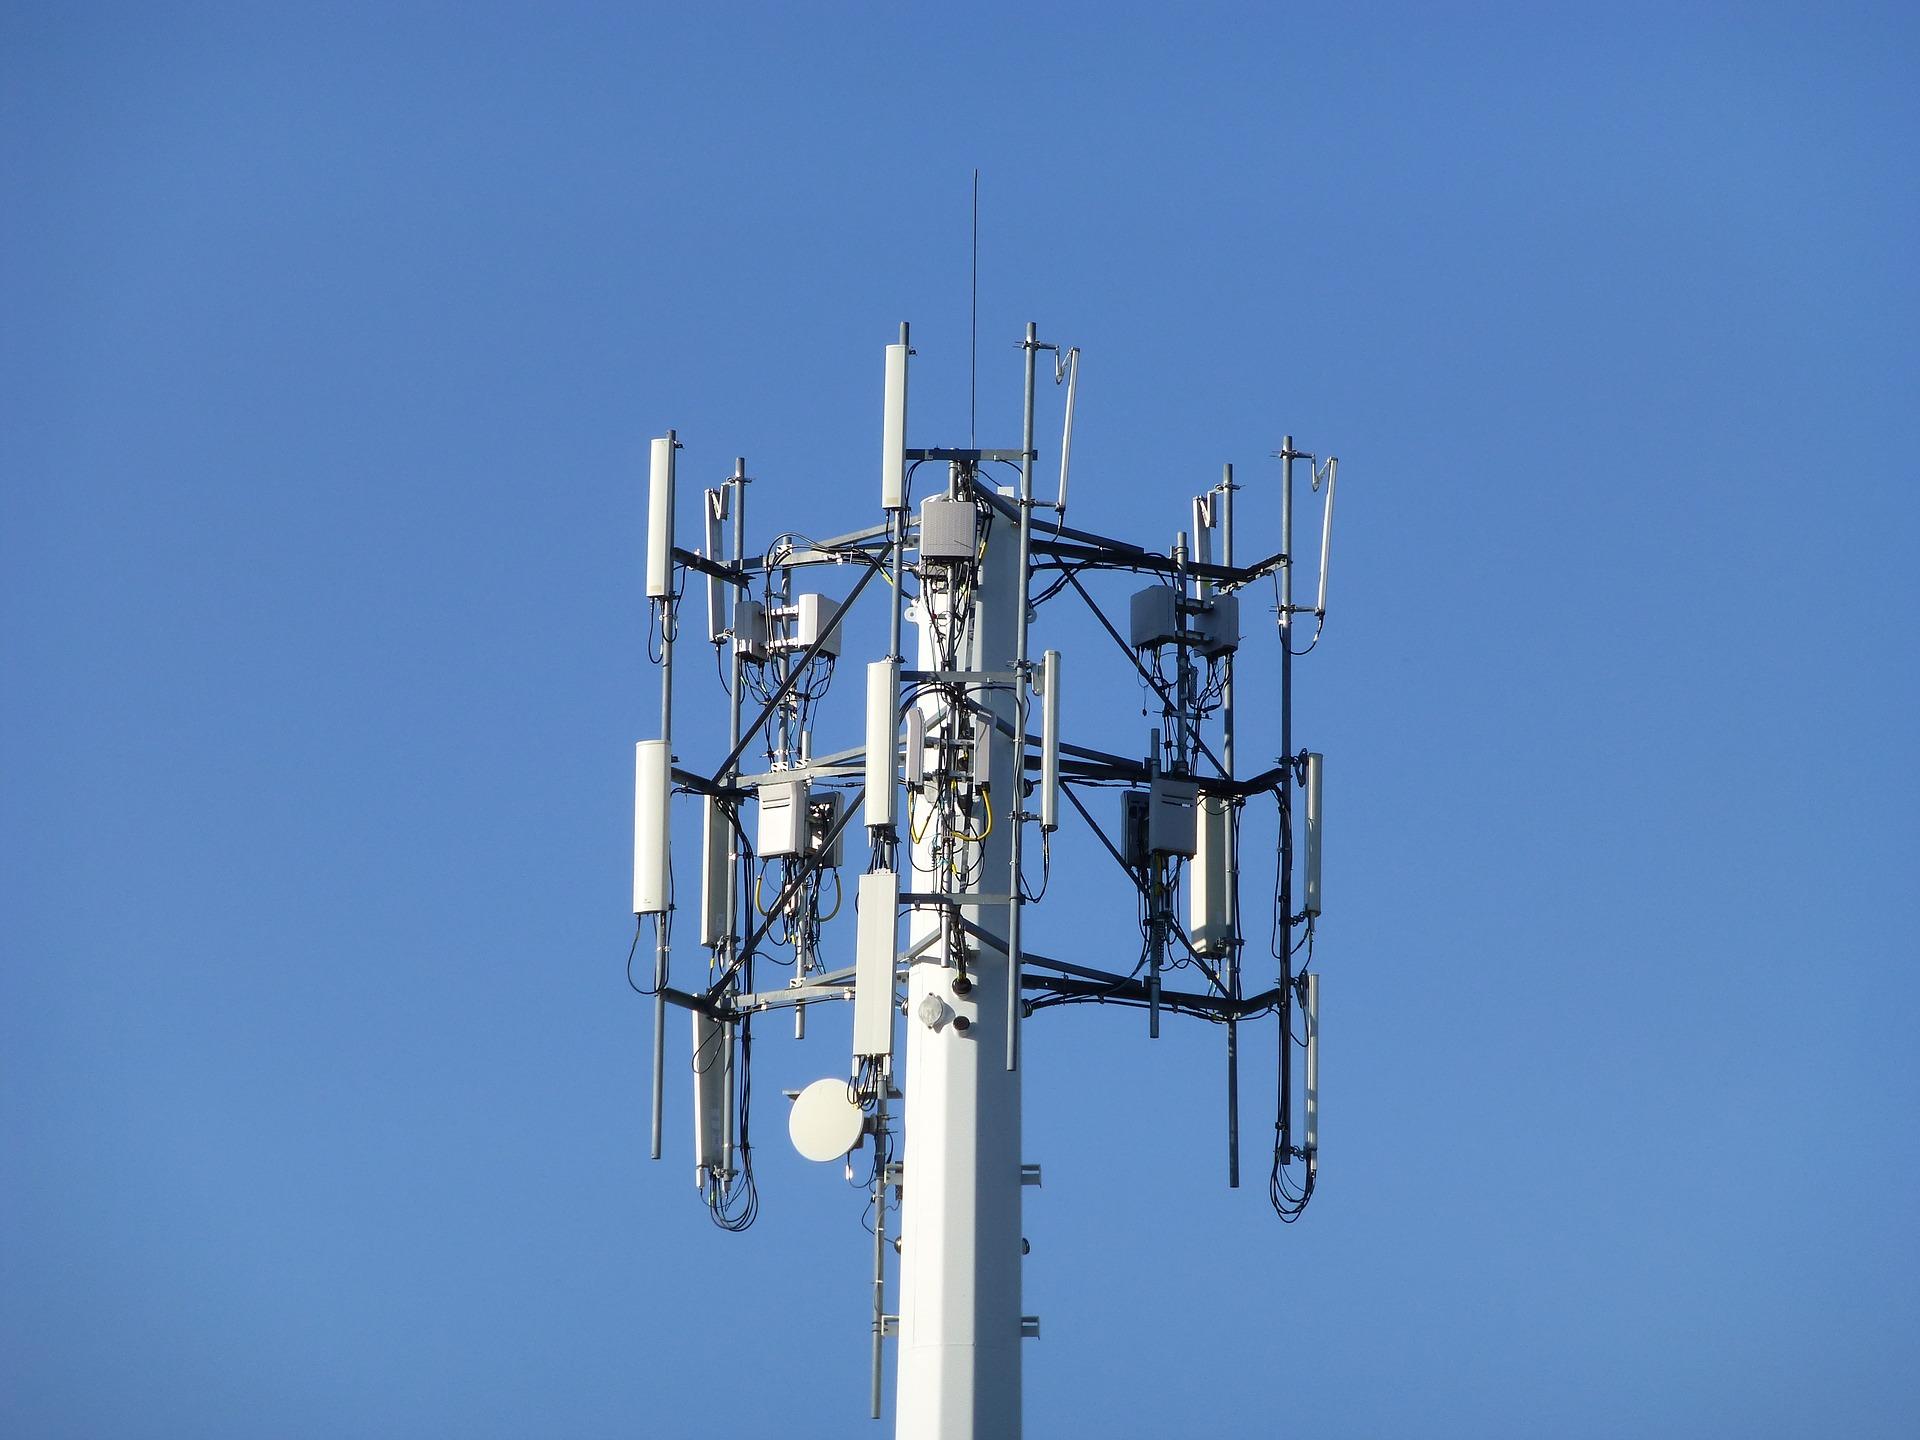 Kiedy ruszy aukcja częstotliwości dla 5G w Polsce? UKE nie powinno się ociągać 18